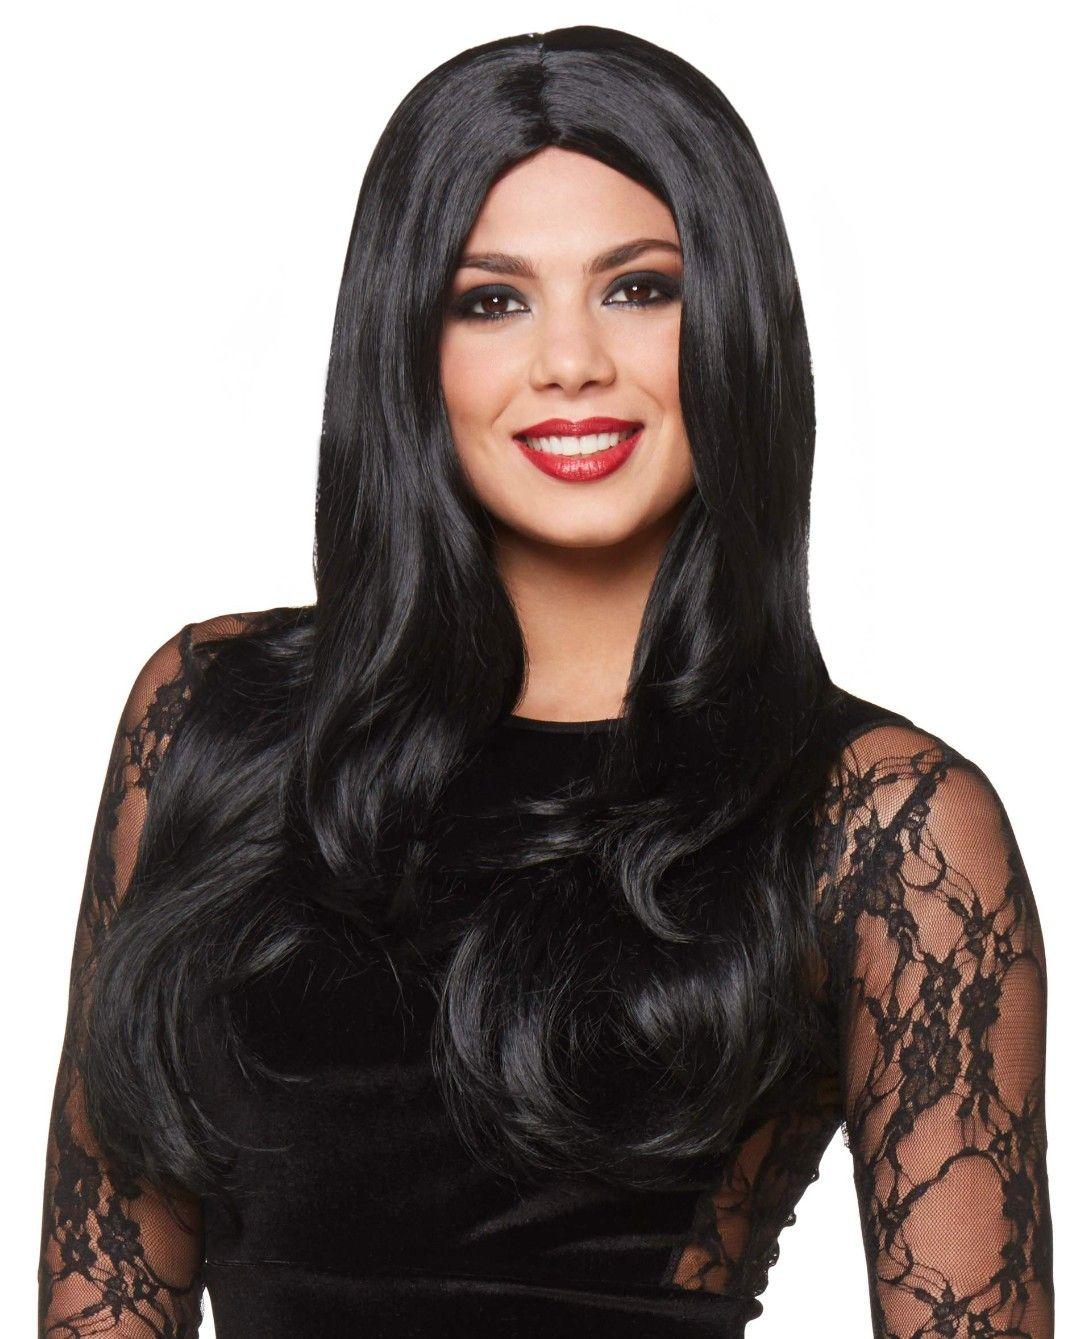 Pin By Jennifer On Halloween 2020 In 2020 Long Black Wig Black Wig Wigs